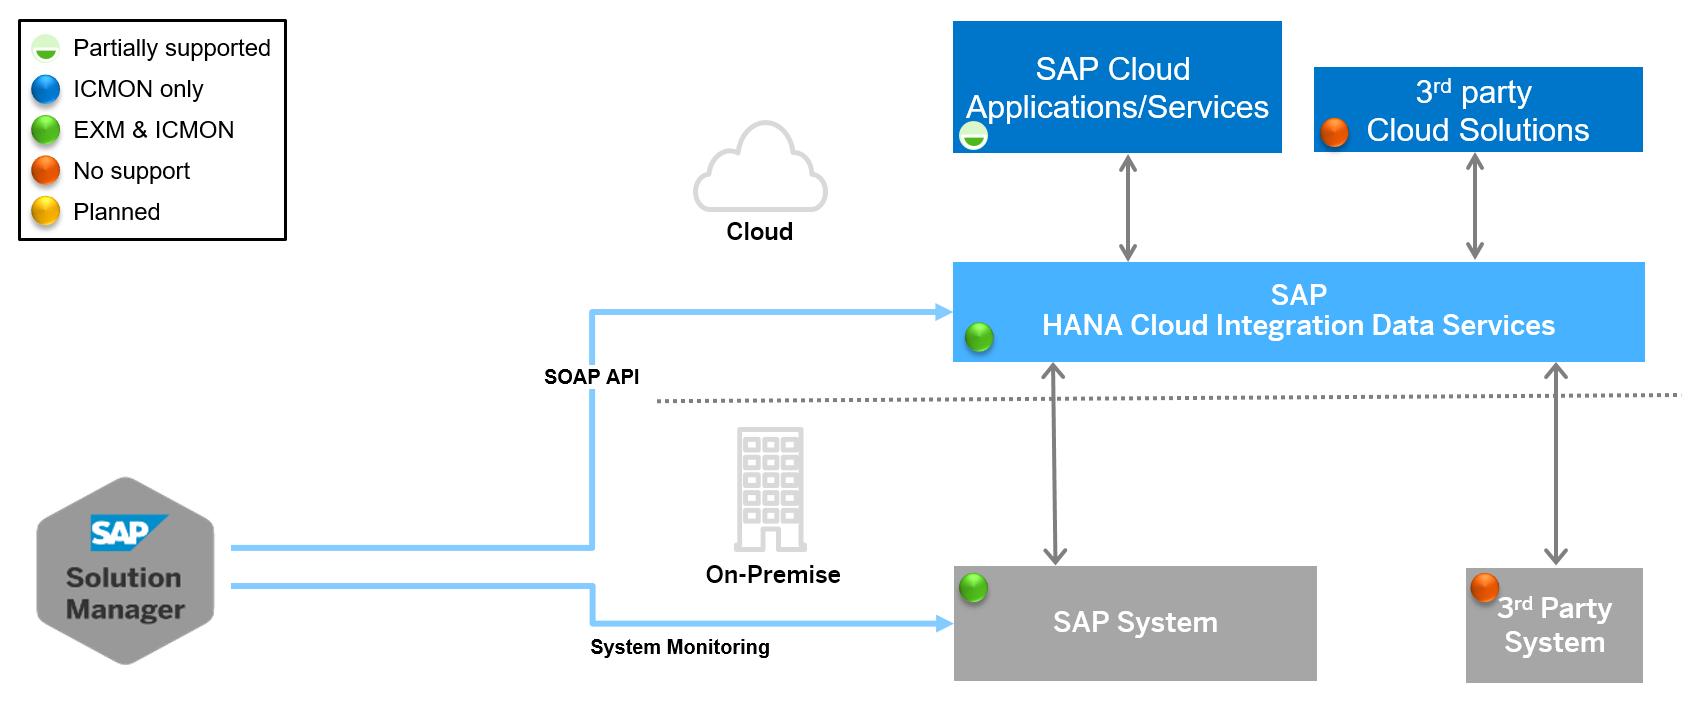 SAP Cloud Platform Integration for data services - Technical